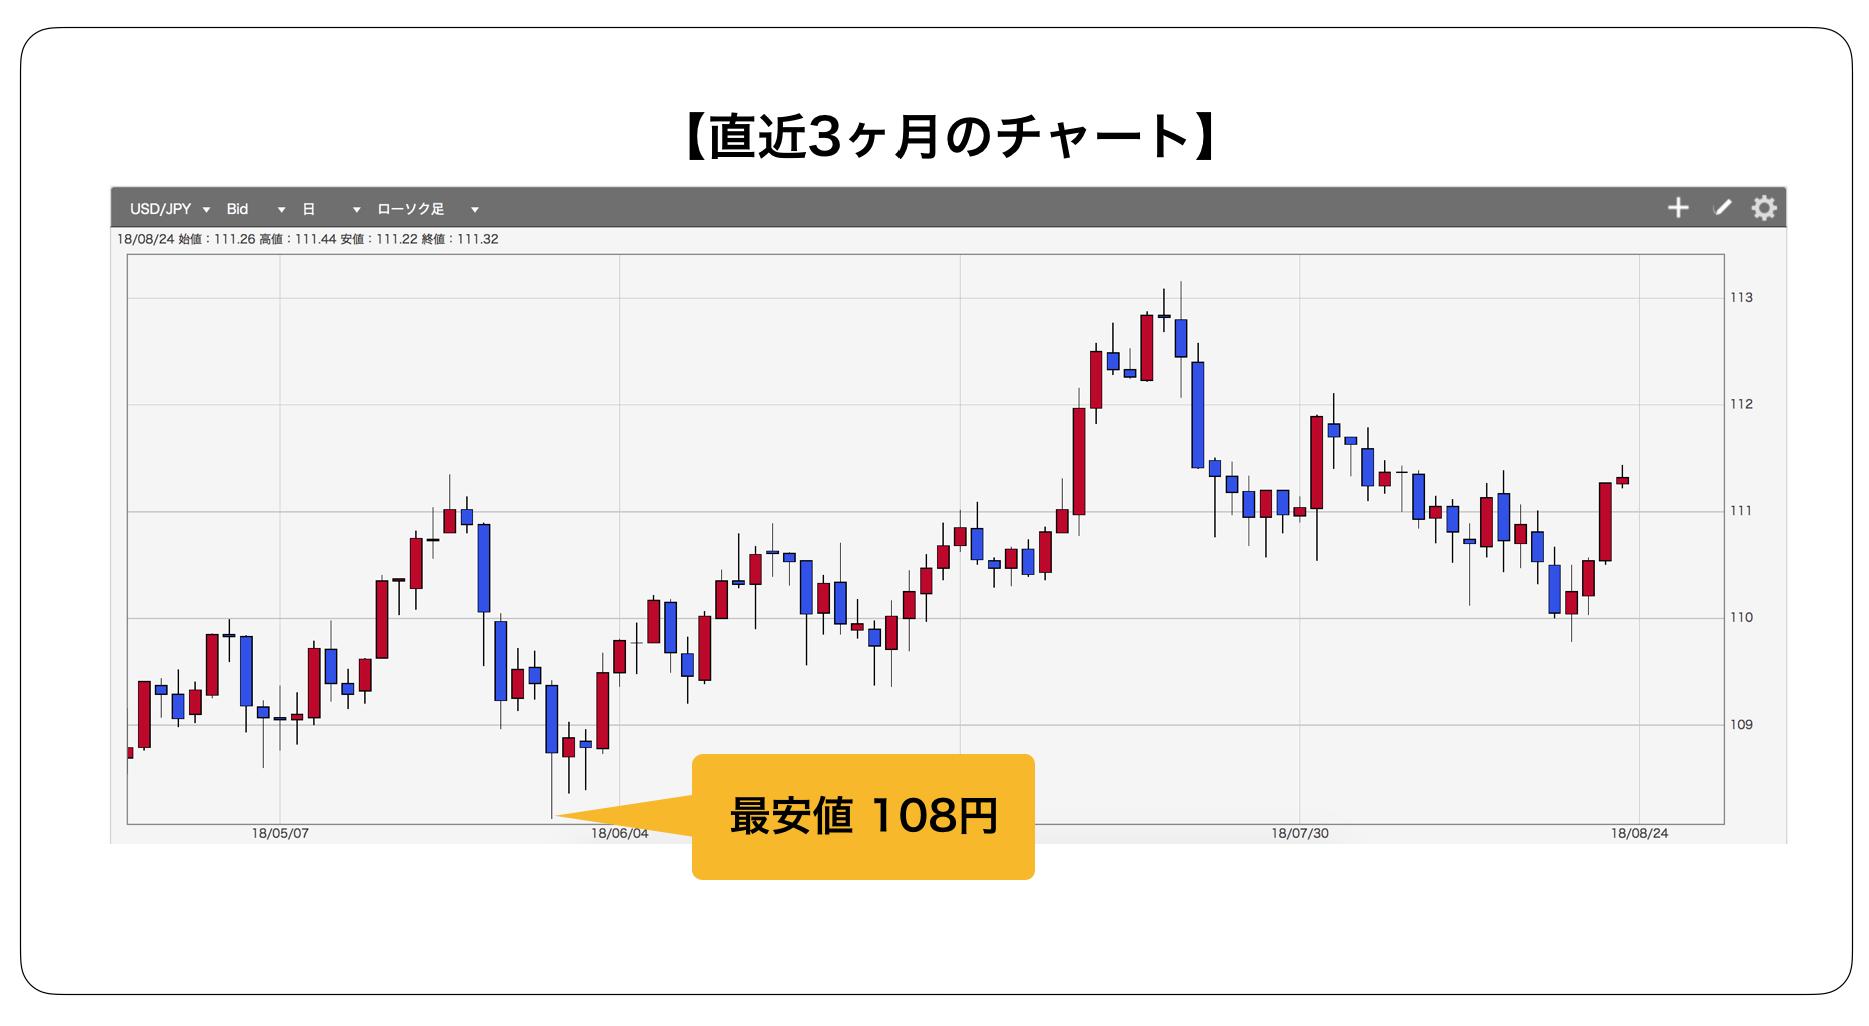 ドル円チャート(3ヶ月)